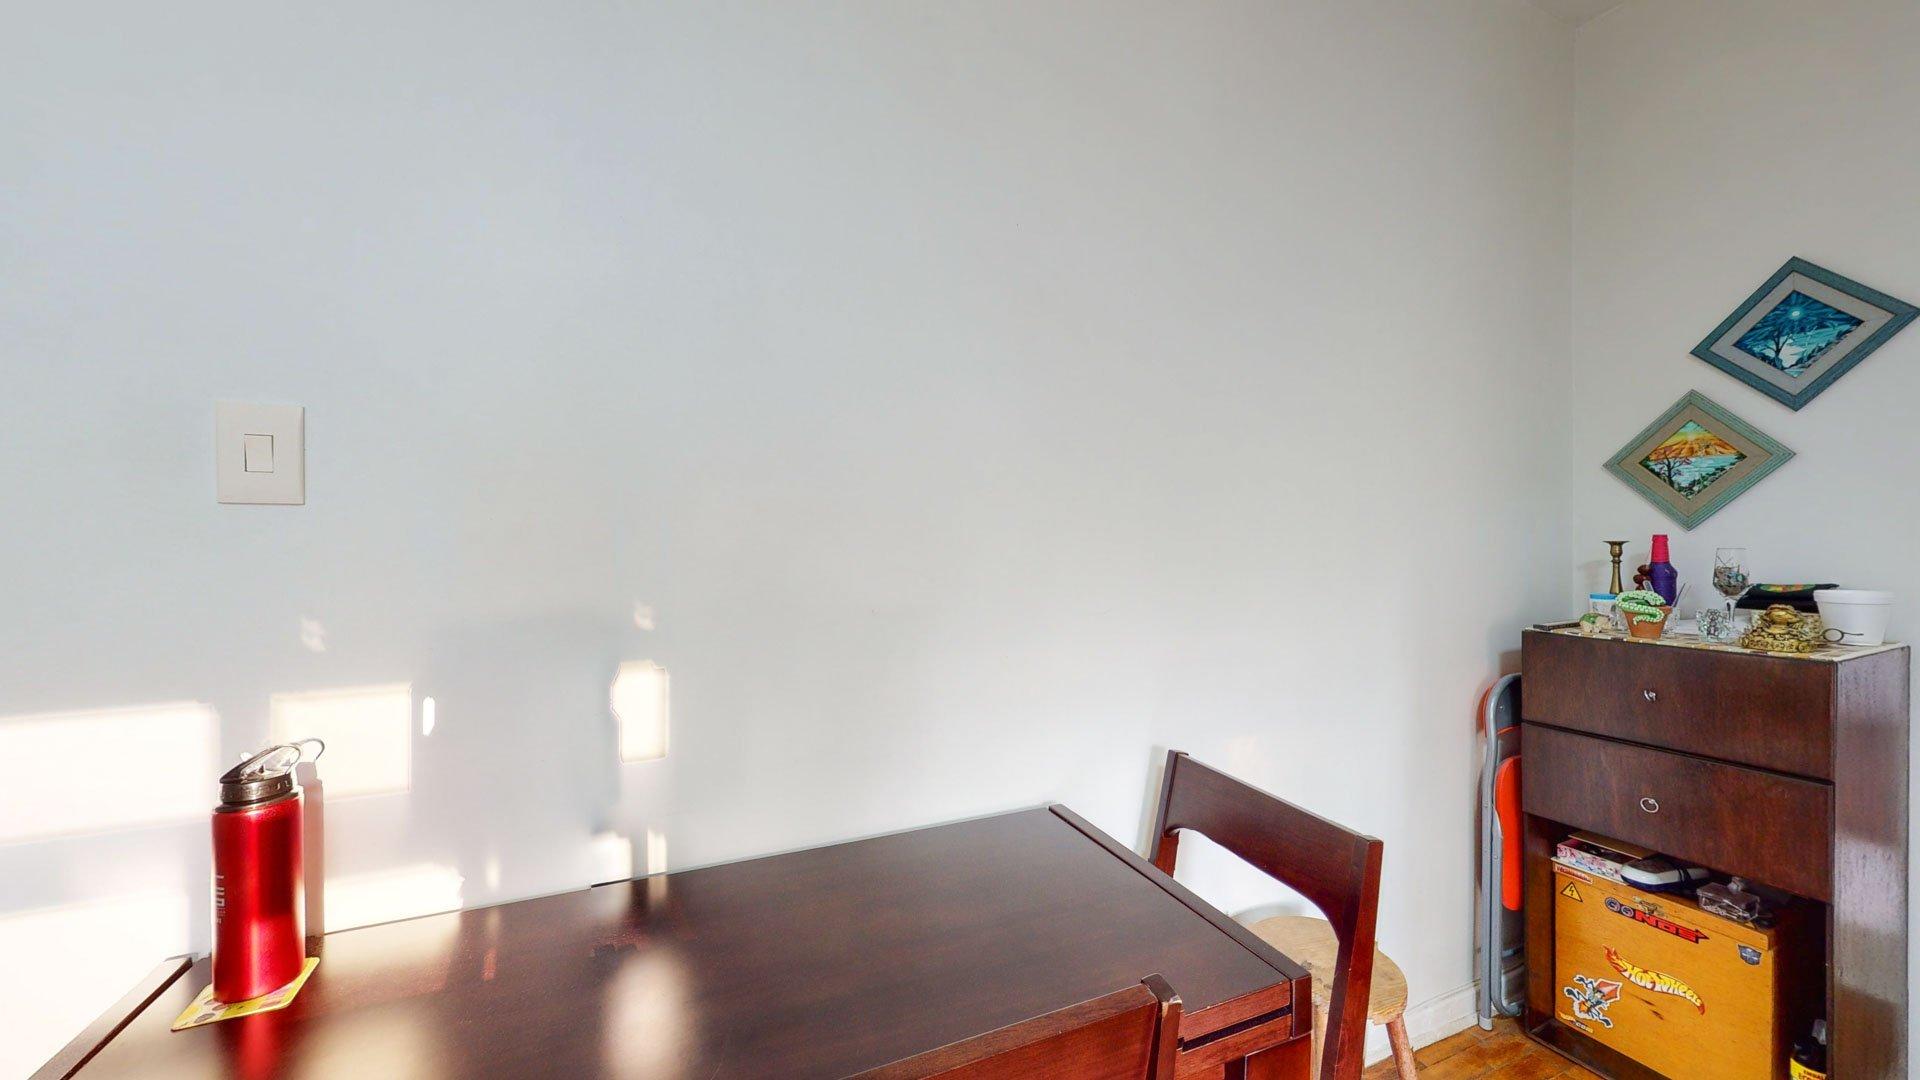 Rua Doutor Nicolau de Sousa Queirós 929, Aclimação, São Paulo 04105-003, 2 Dormitórios Dormitórios, 1 Sala Salas,1 BanheiroBanheiros,Apartamento,Vendas,Edifício Aida,Rua Doutor Nicolau de Sousa Queirós,5,1034